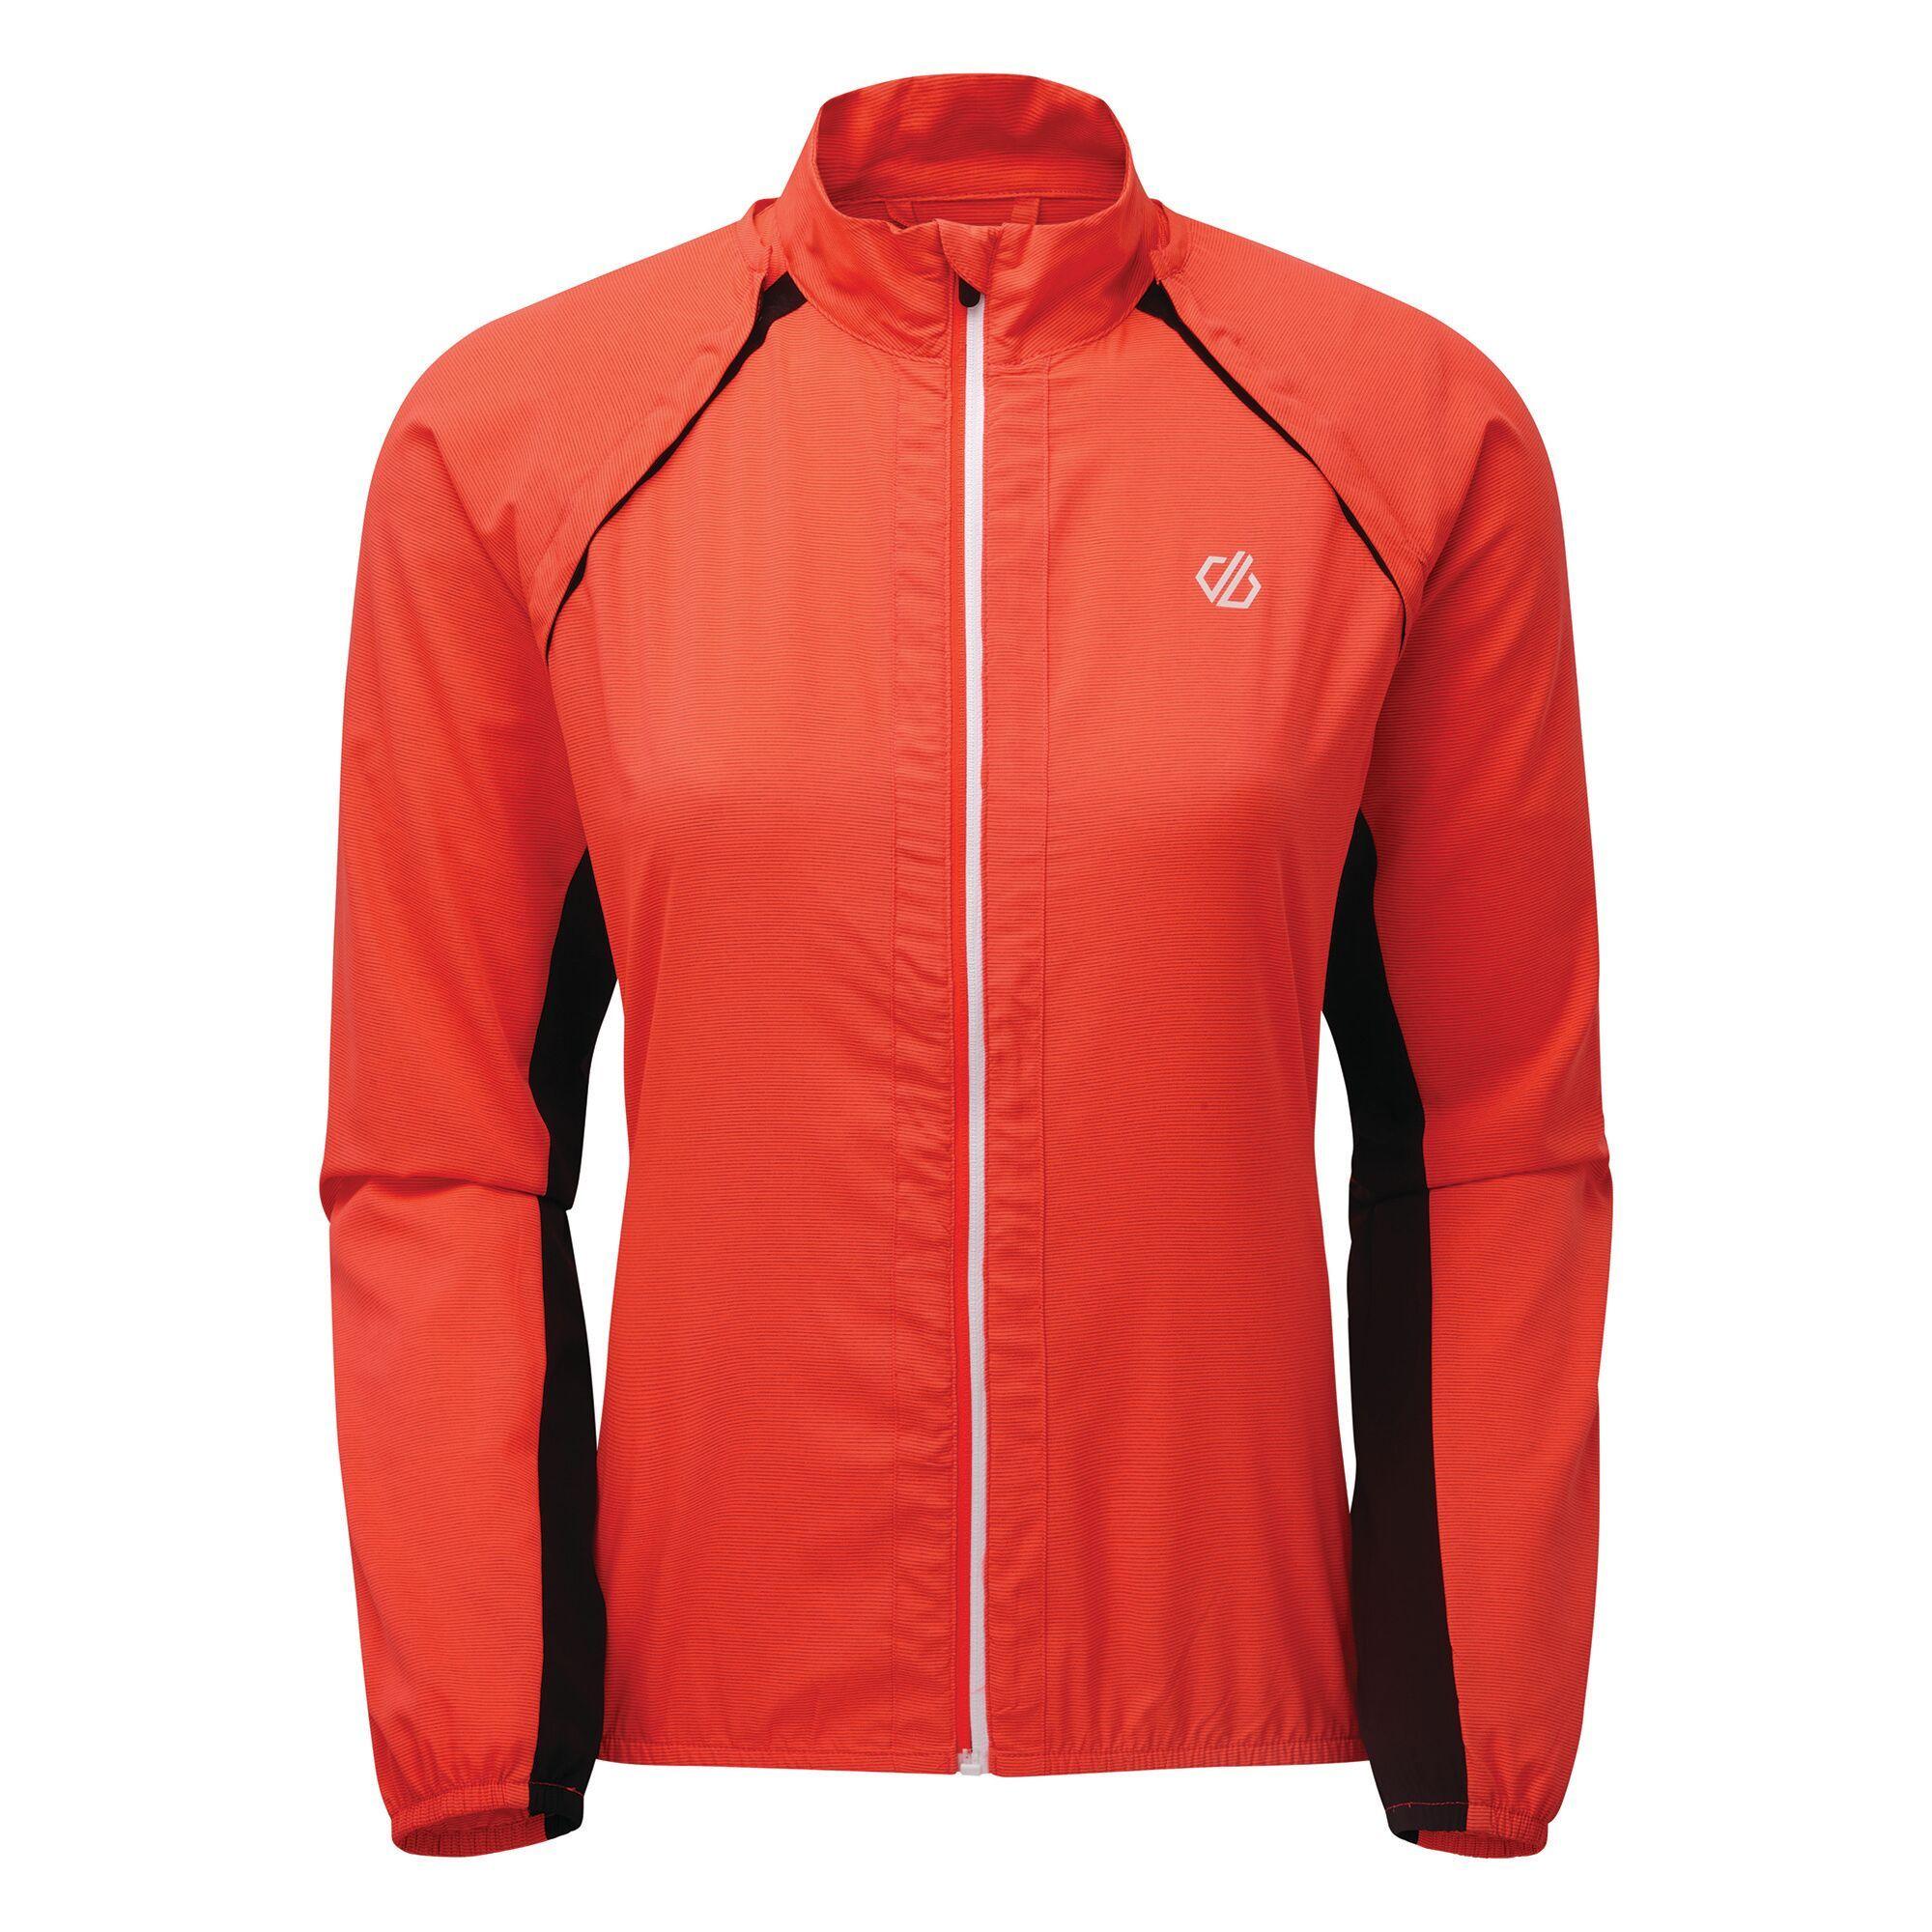 windproof running jacket in orange